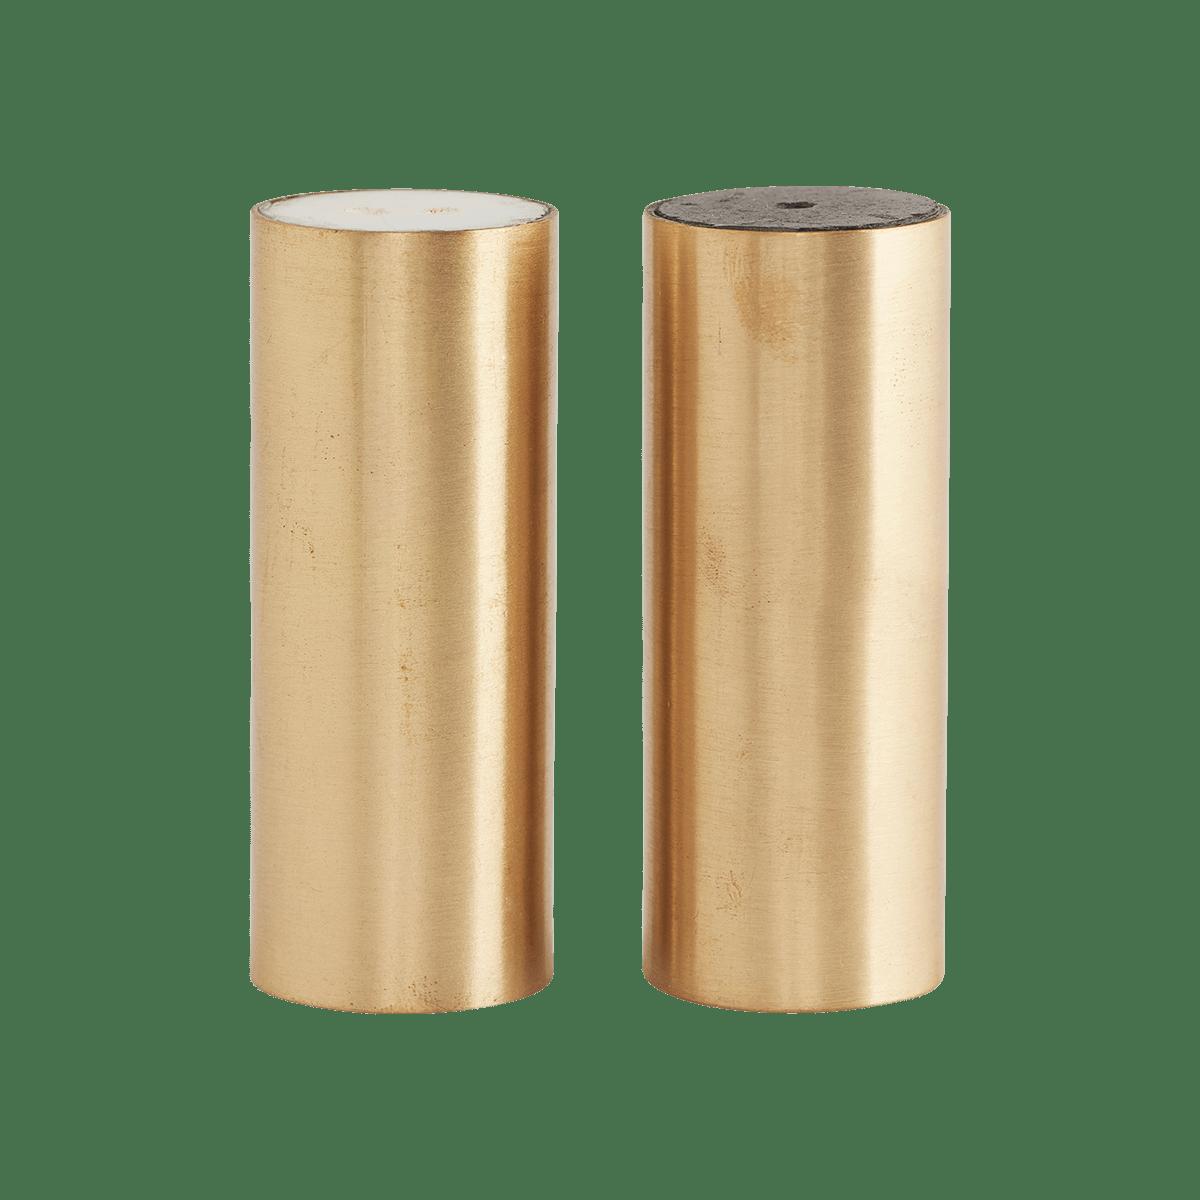 Solnička a pepřenka Sp – set 2 kusů